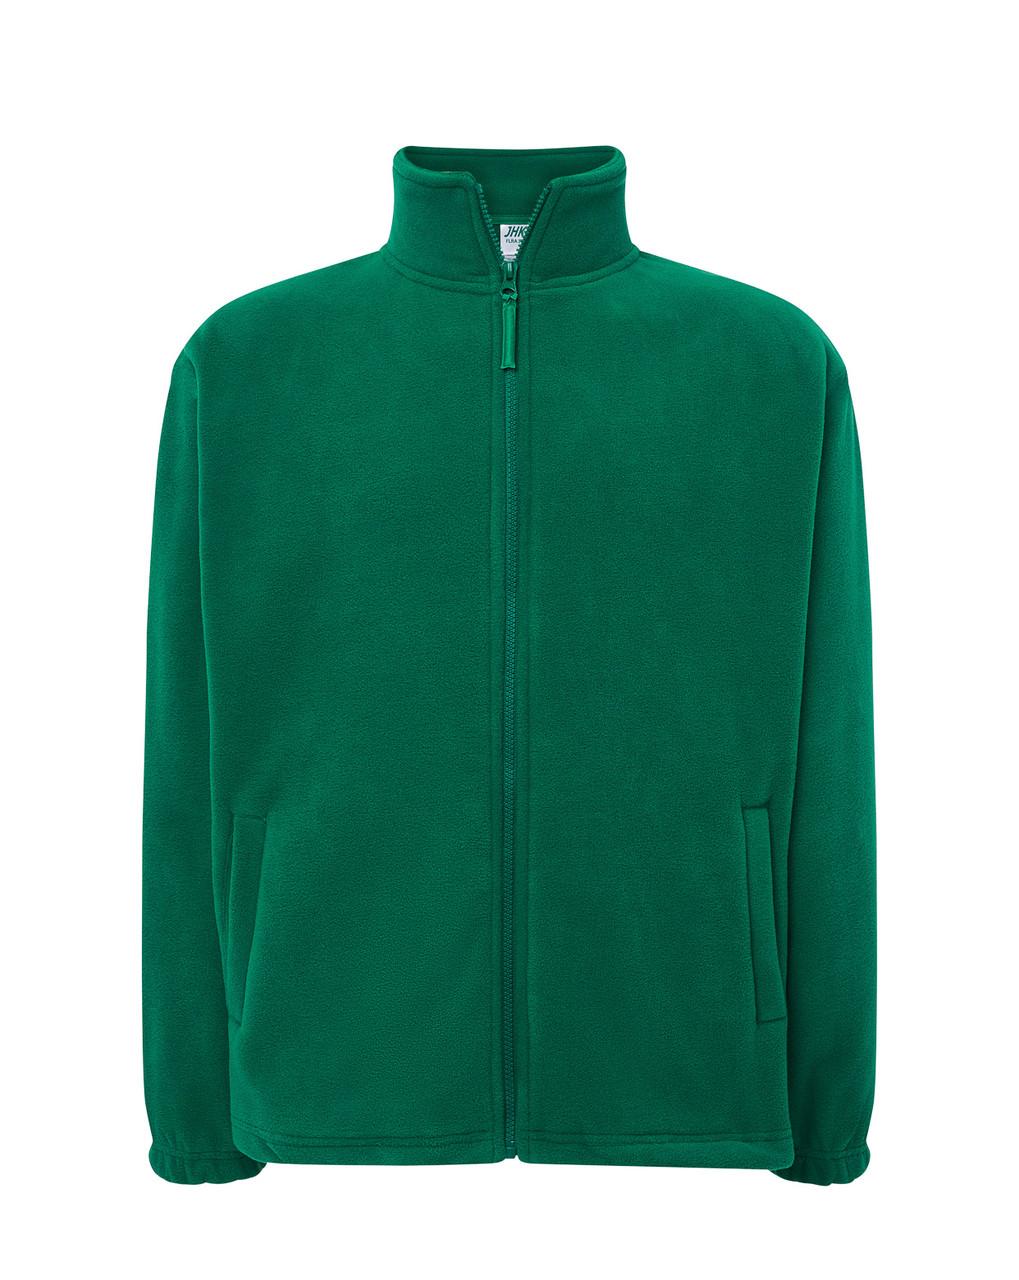 Мужская флисовая кофта JHK POLAR FLEECE MAN цвет зеленый (KG) XXL